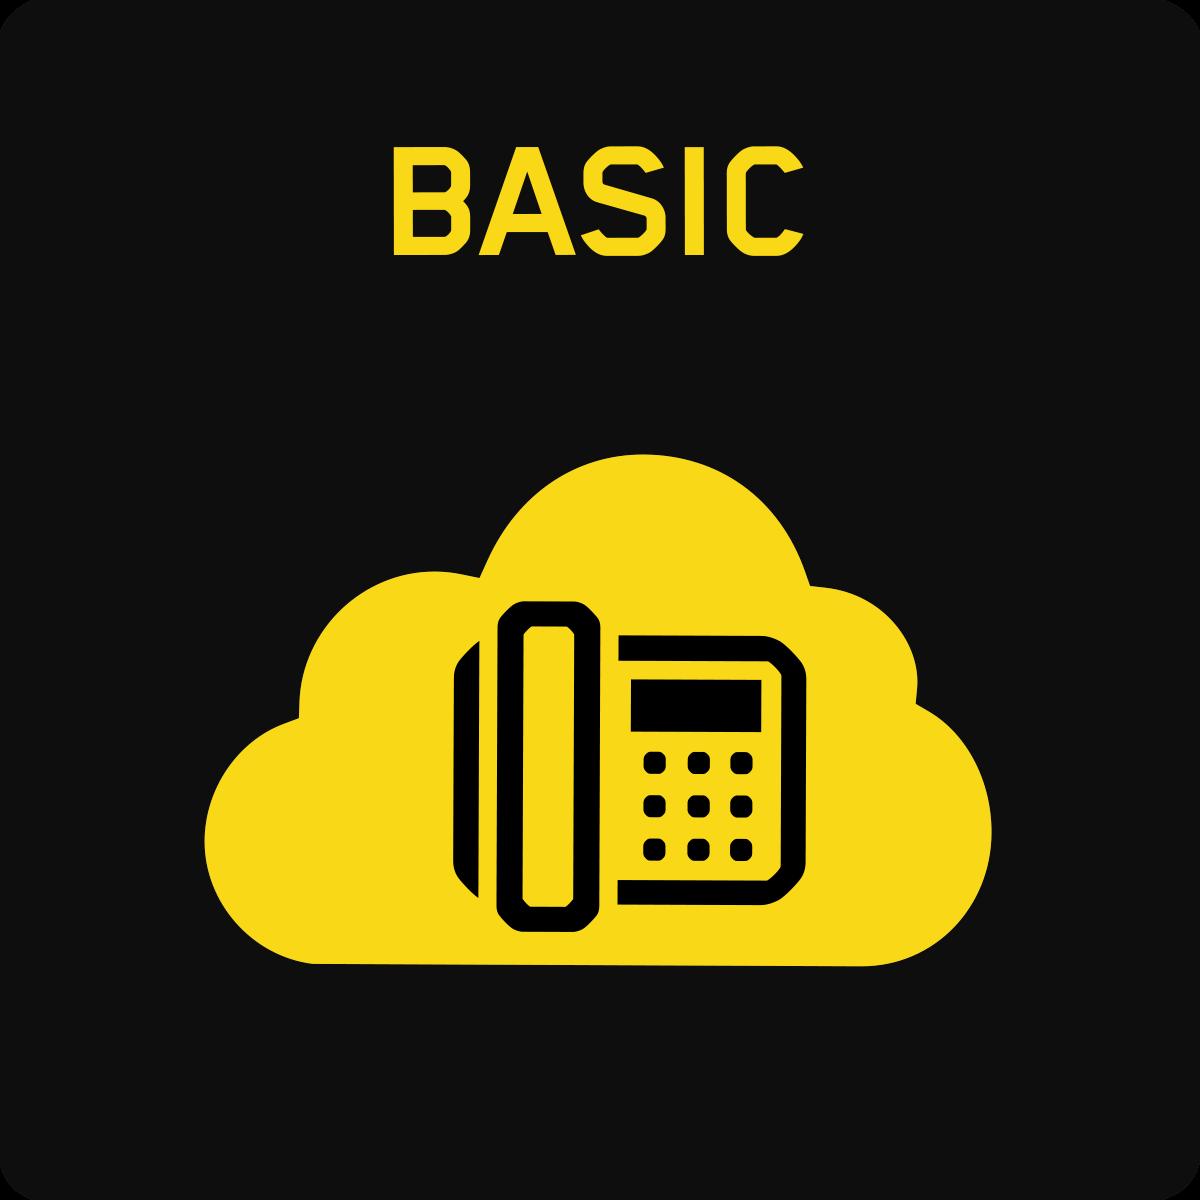 Basic cloud communications